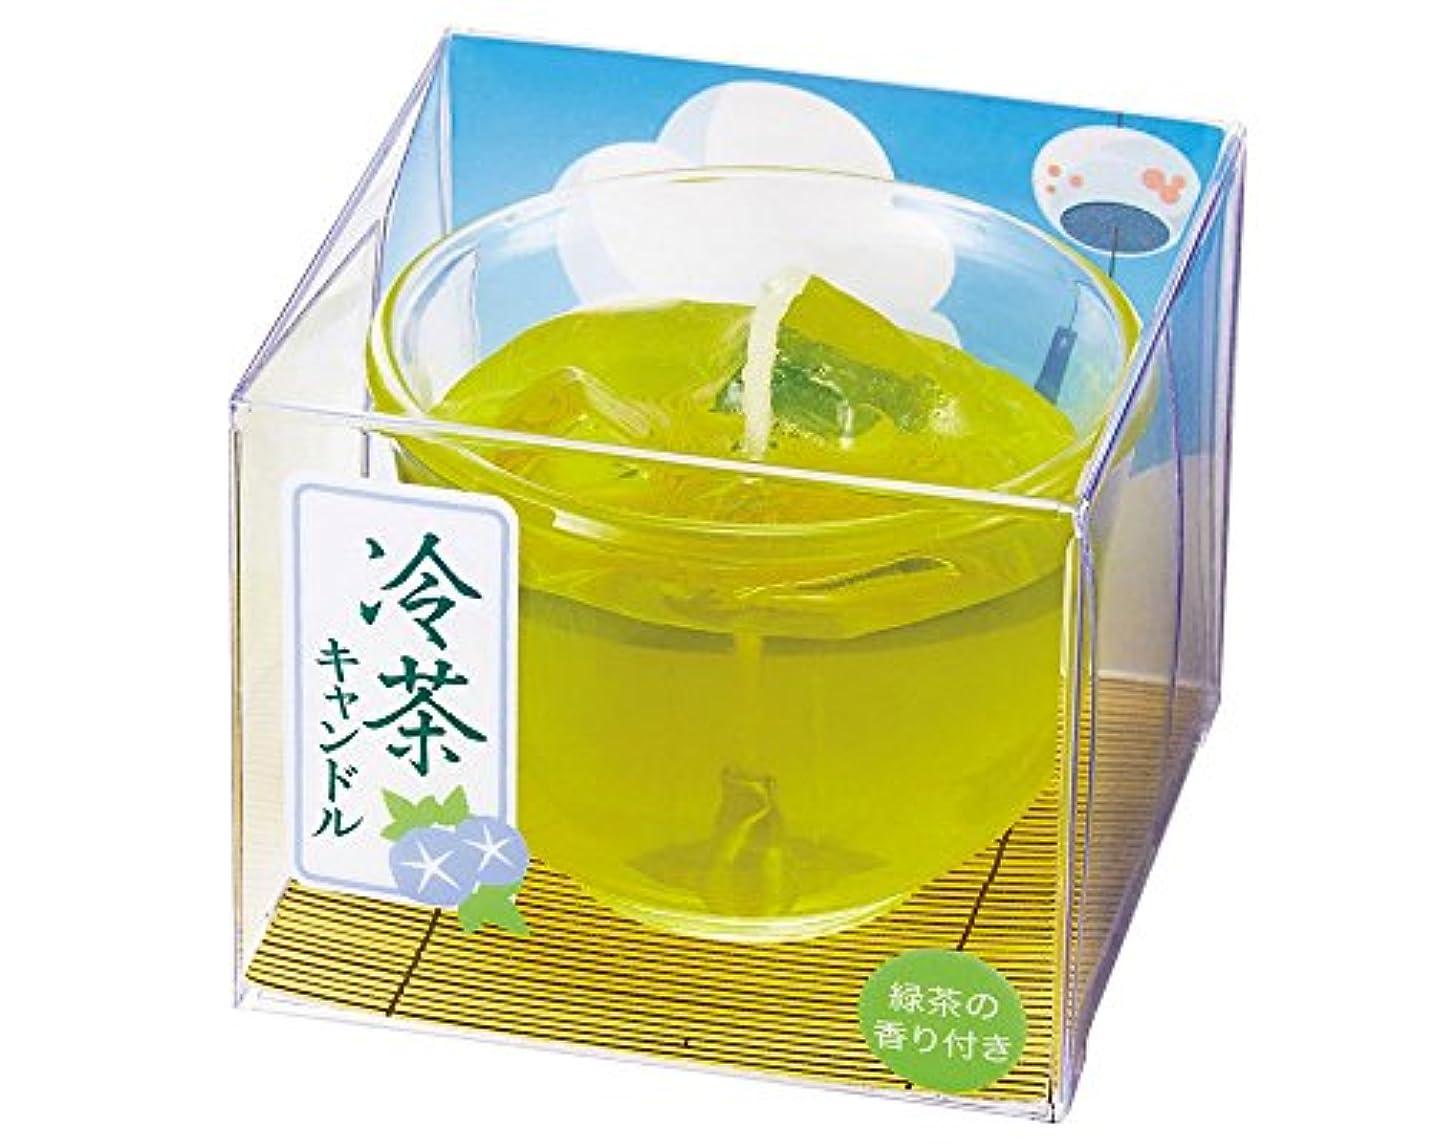 不安定なリダクター畝間冷茶キャンドル 1個